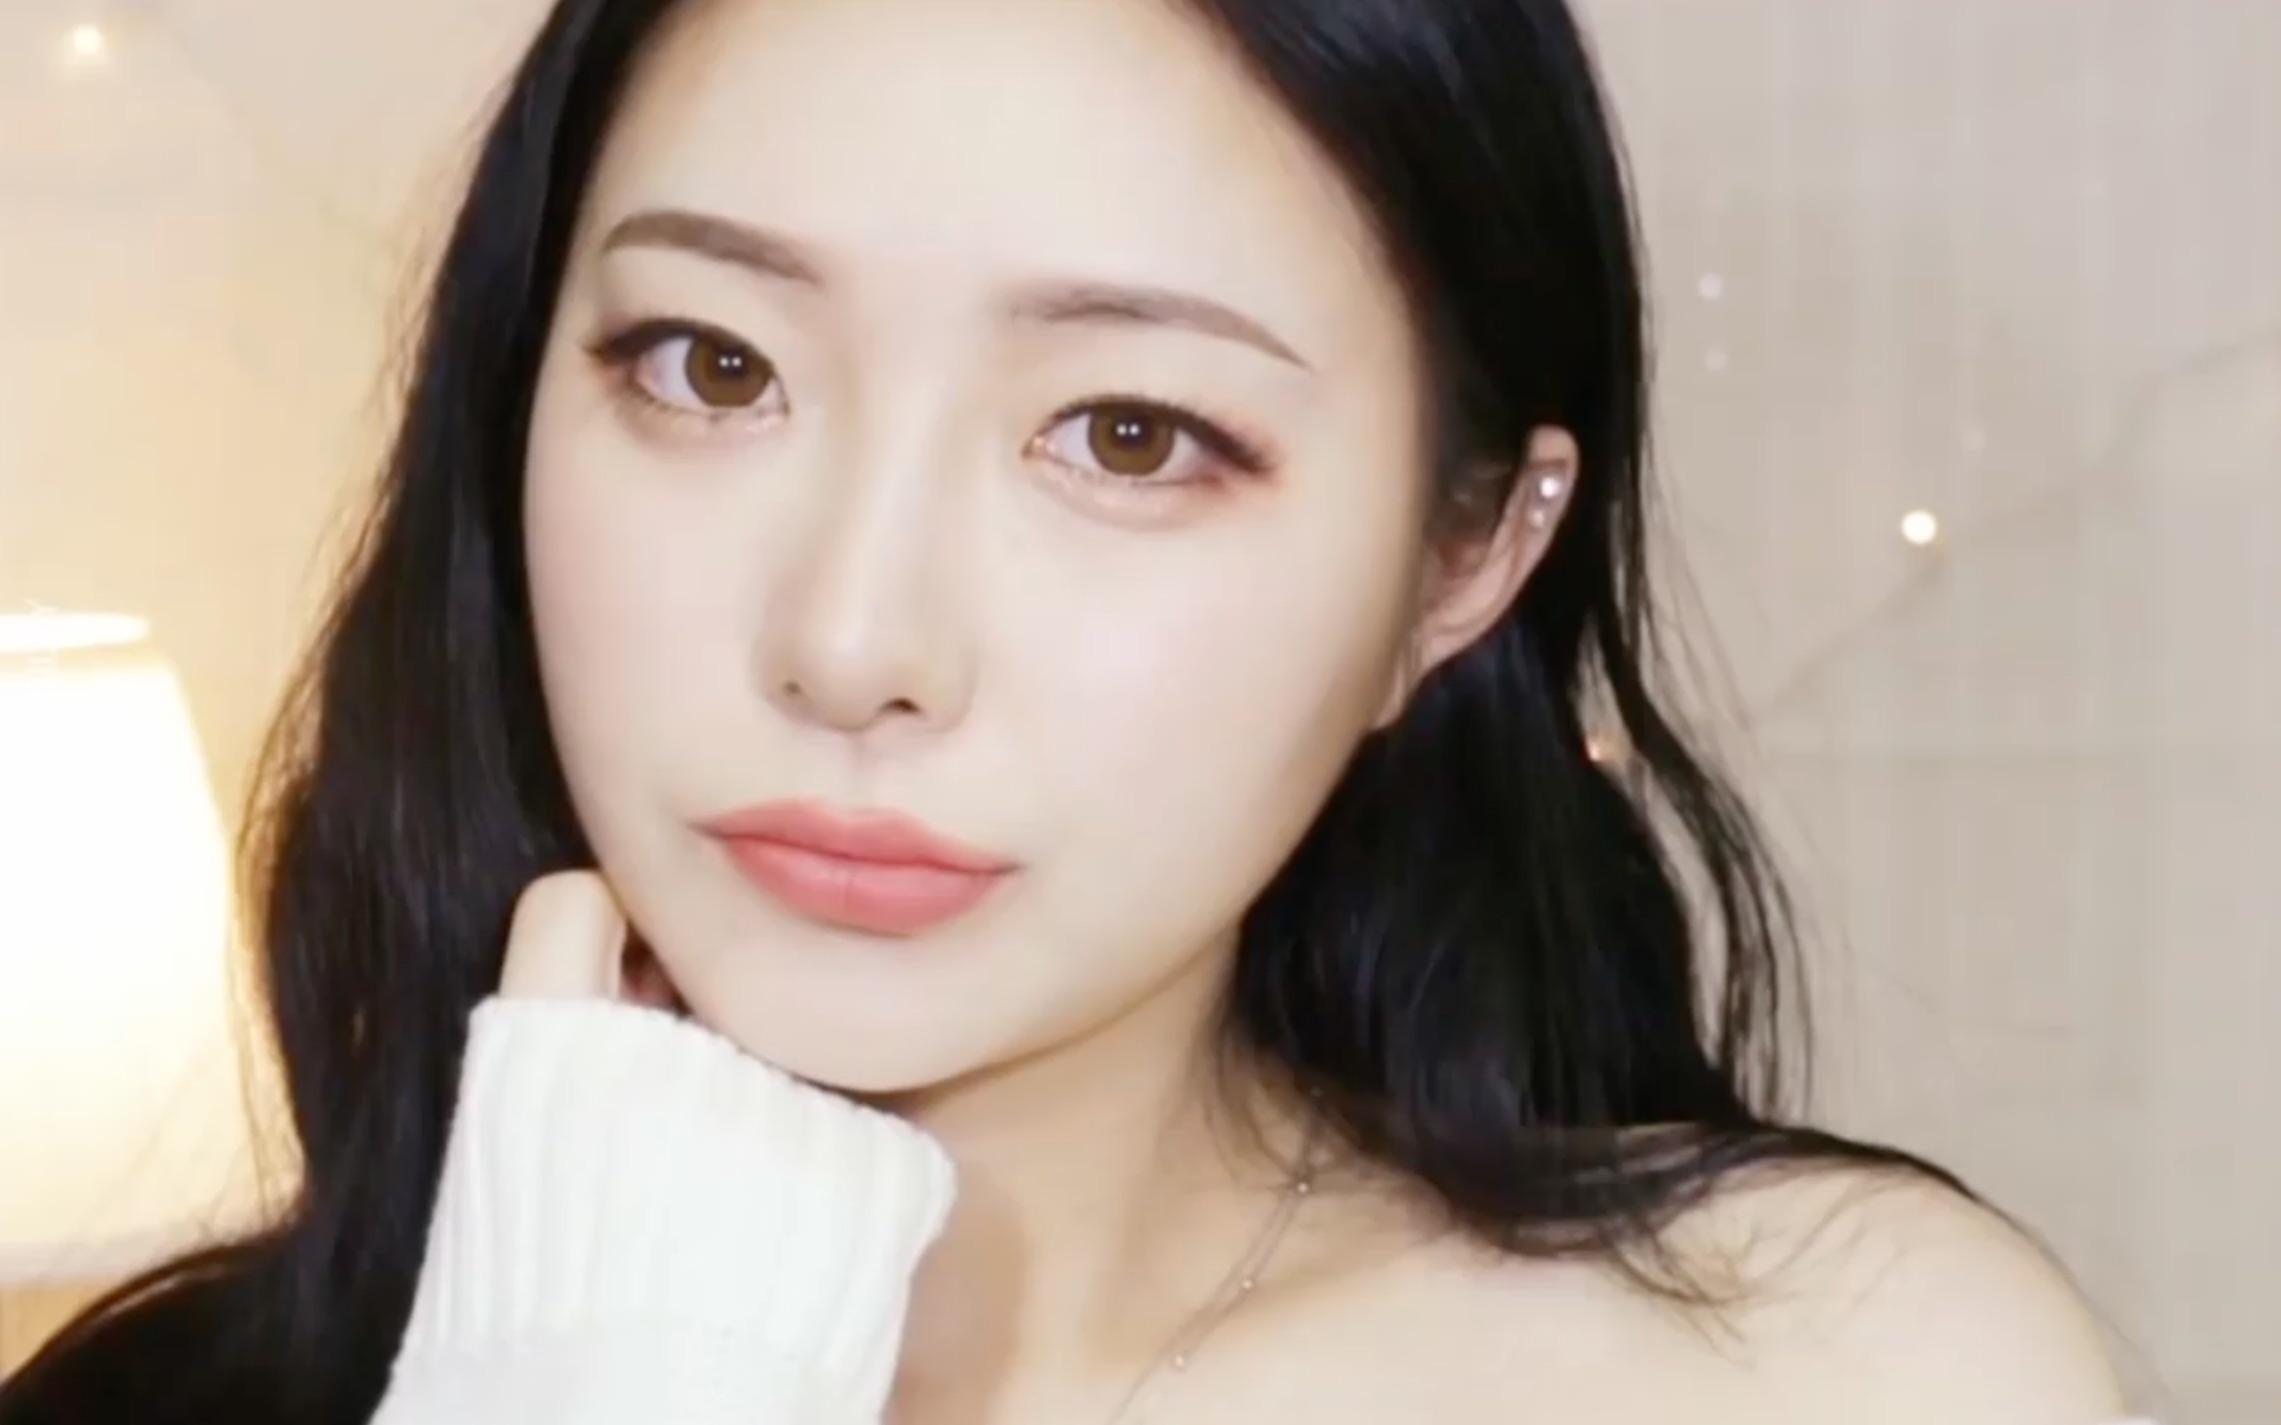 美妆-美人妆图片